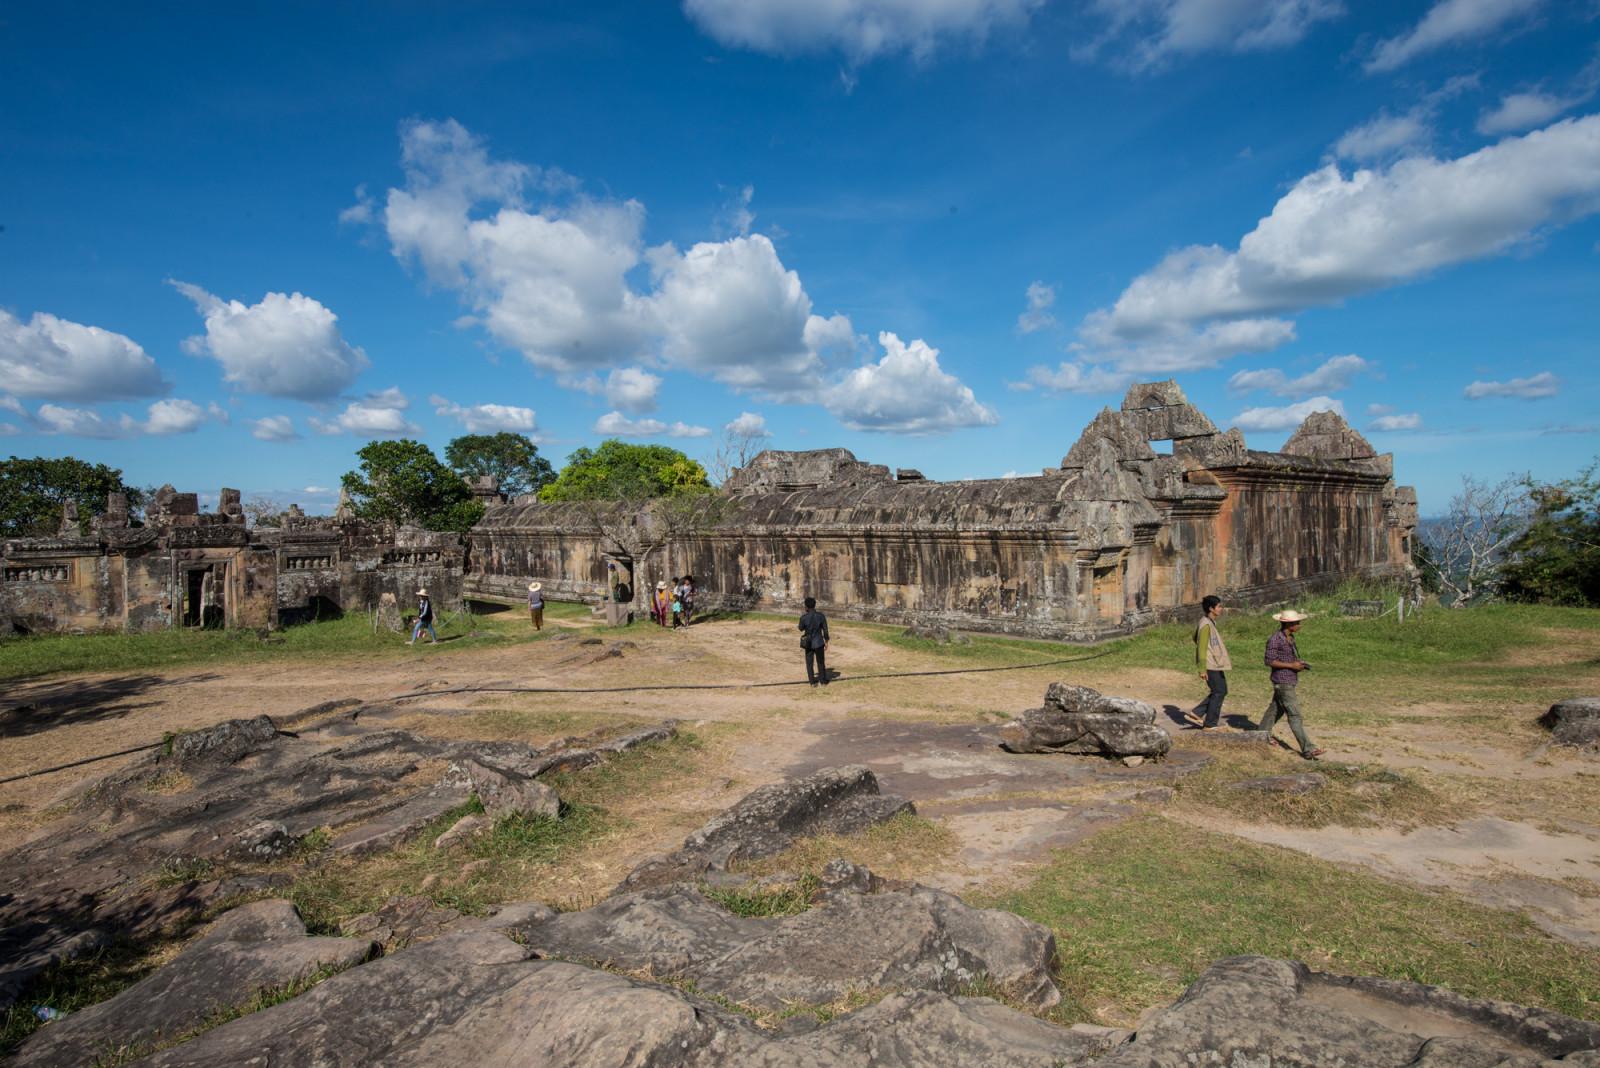 cambodia-photo-tours-preah-vihear-temple-1